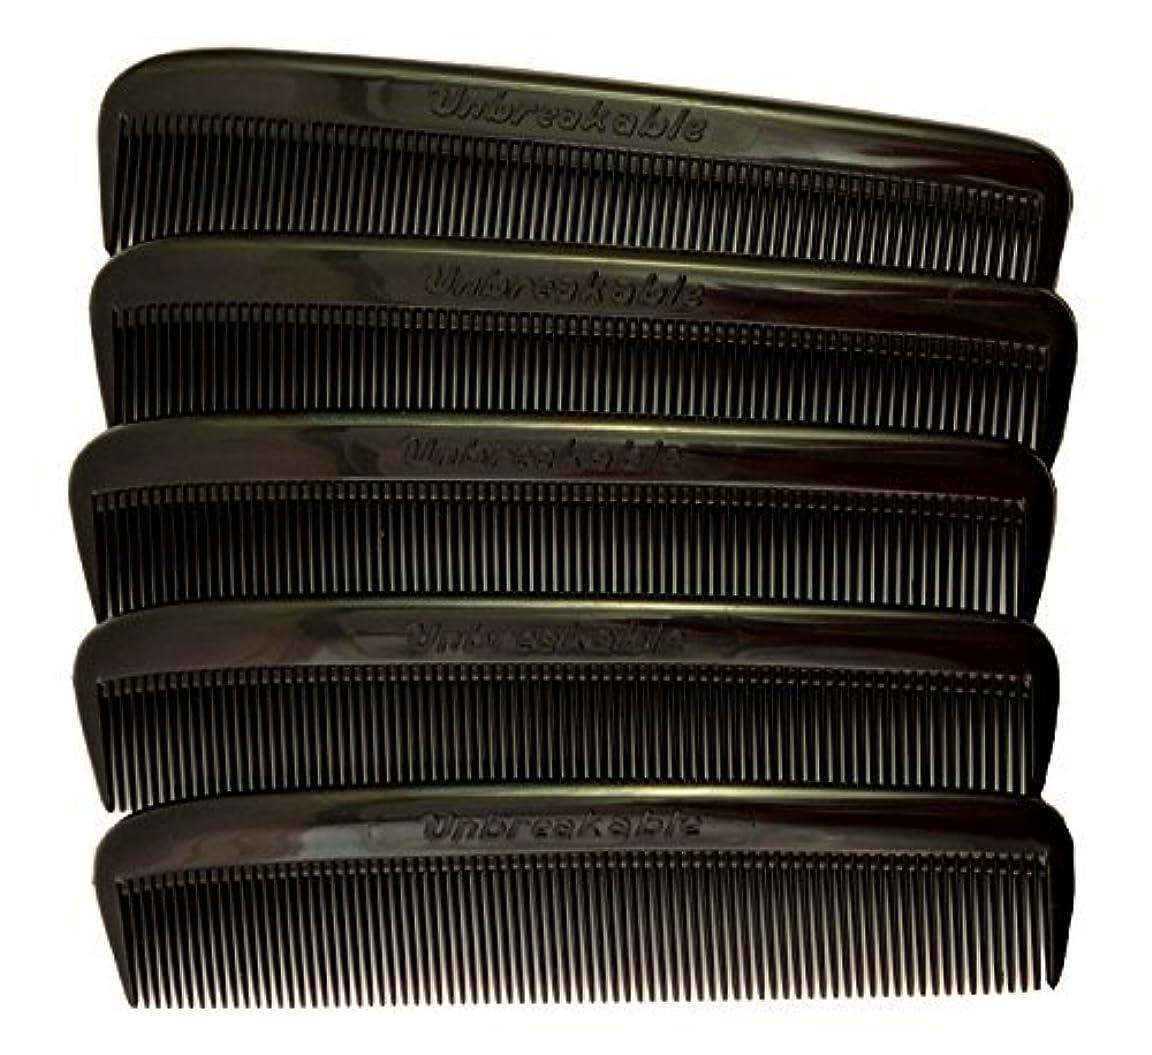 曖昧な貧困ファイバSet of 25 Clipper-mate Pocket Combs 5